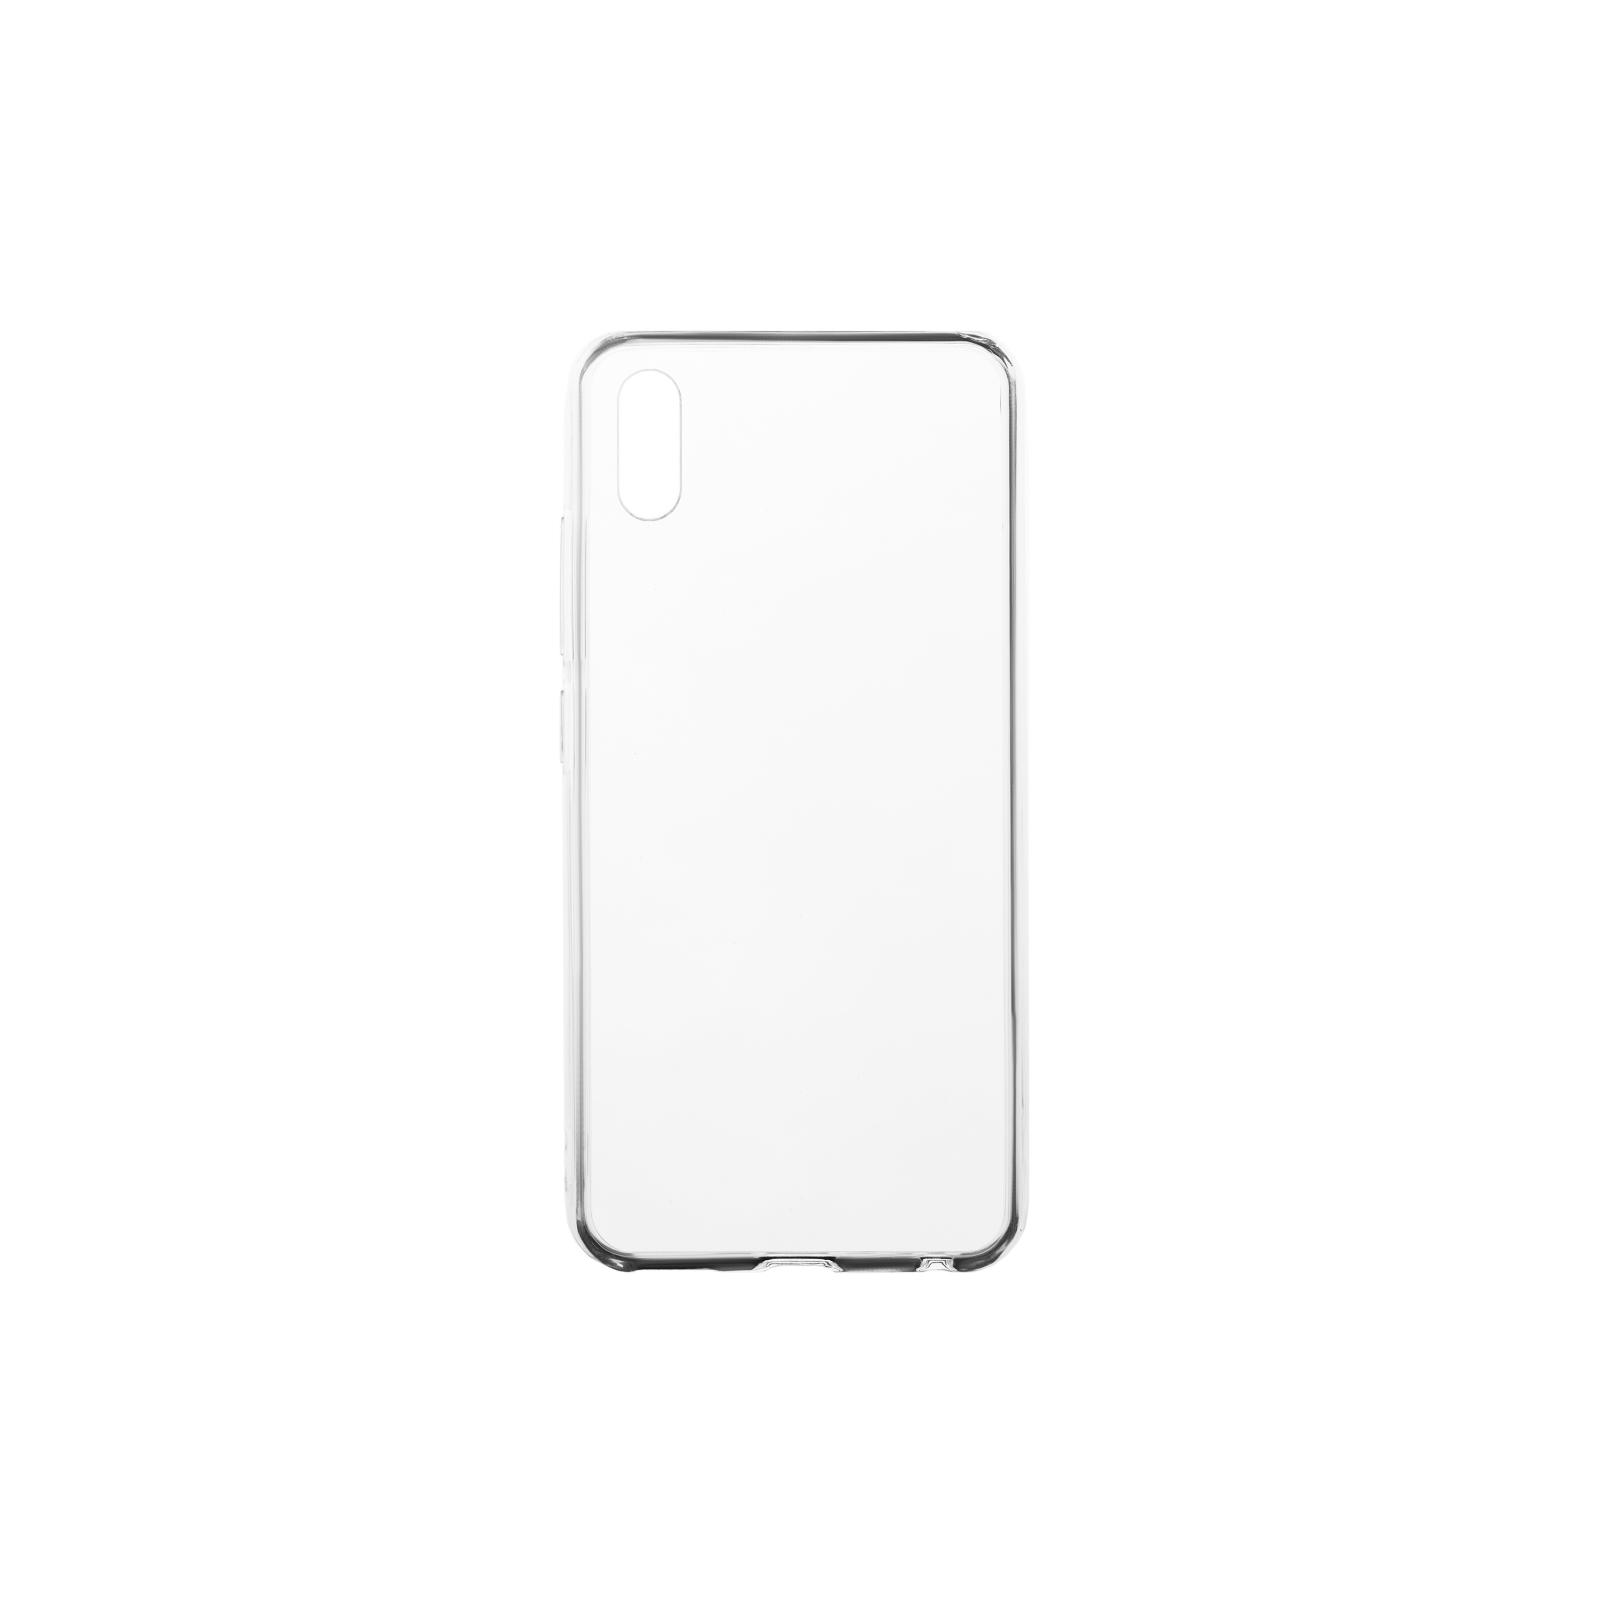 Чехол для моб. телефона 2E VIVO Y91C, Hybrid, Transparent (2E-V-Y91C-AOHB-TR)